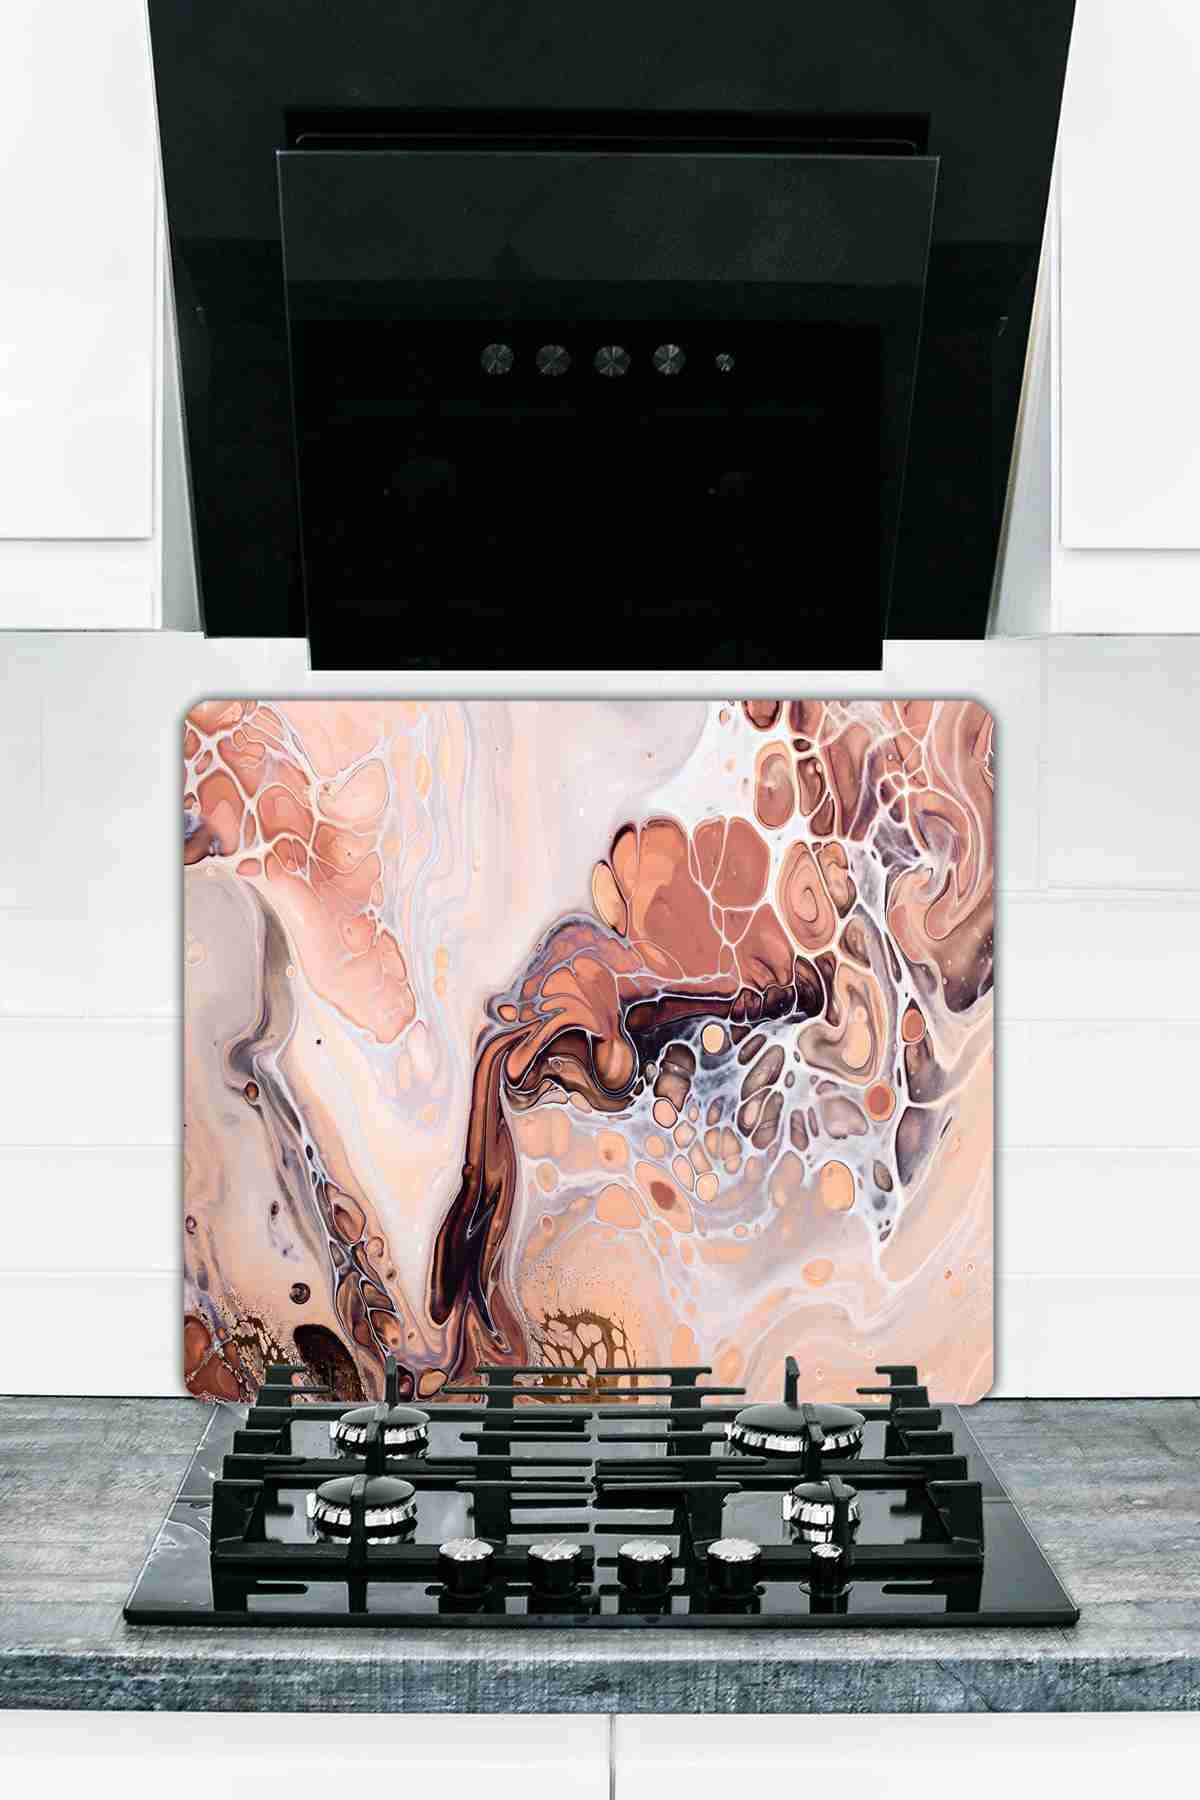 Слитная Защитная стеклянная разделочная доска для плиты, смешанная мозаика, 50 см X 56 см